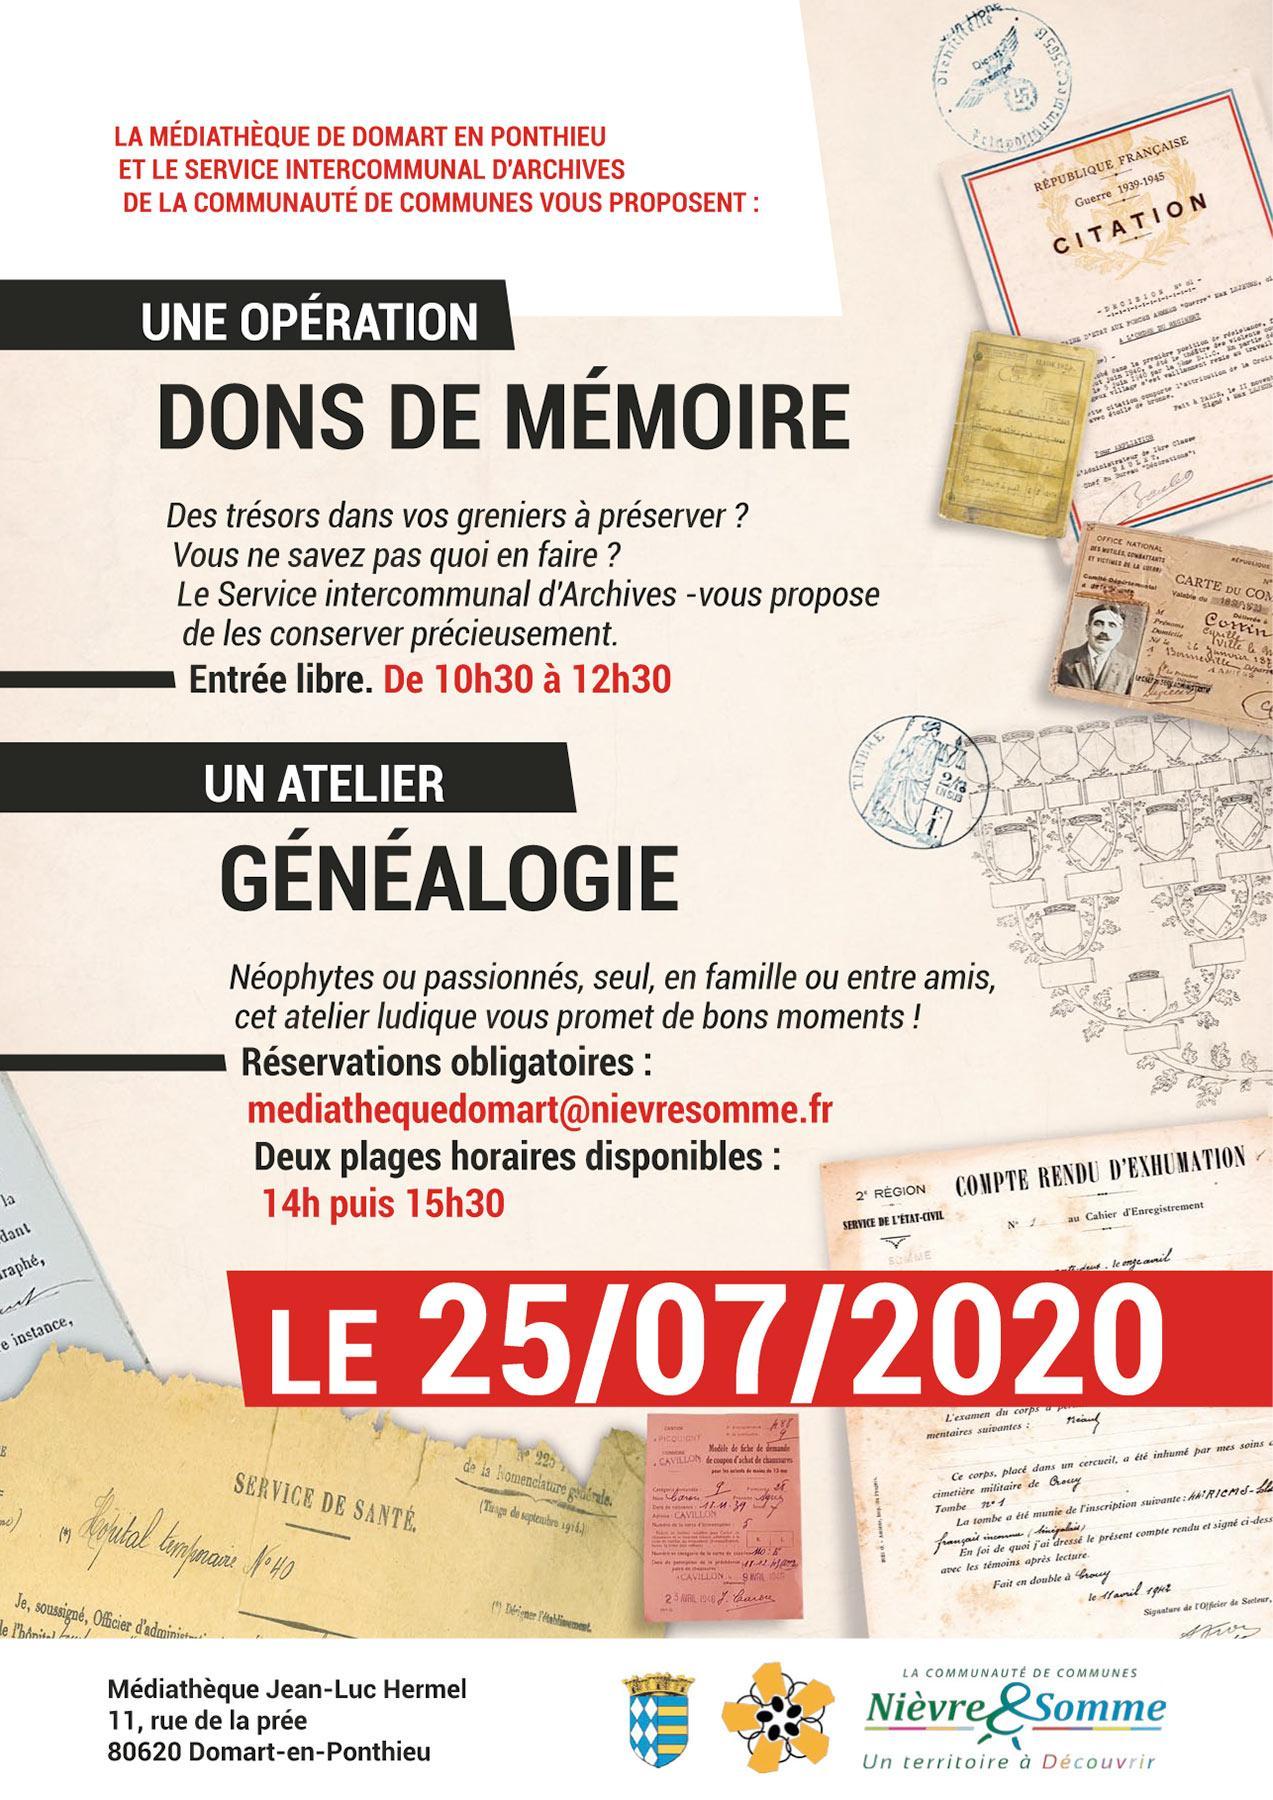 Dons de mémoire et généalogie à Domart !